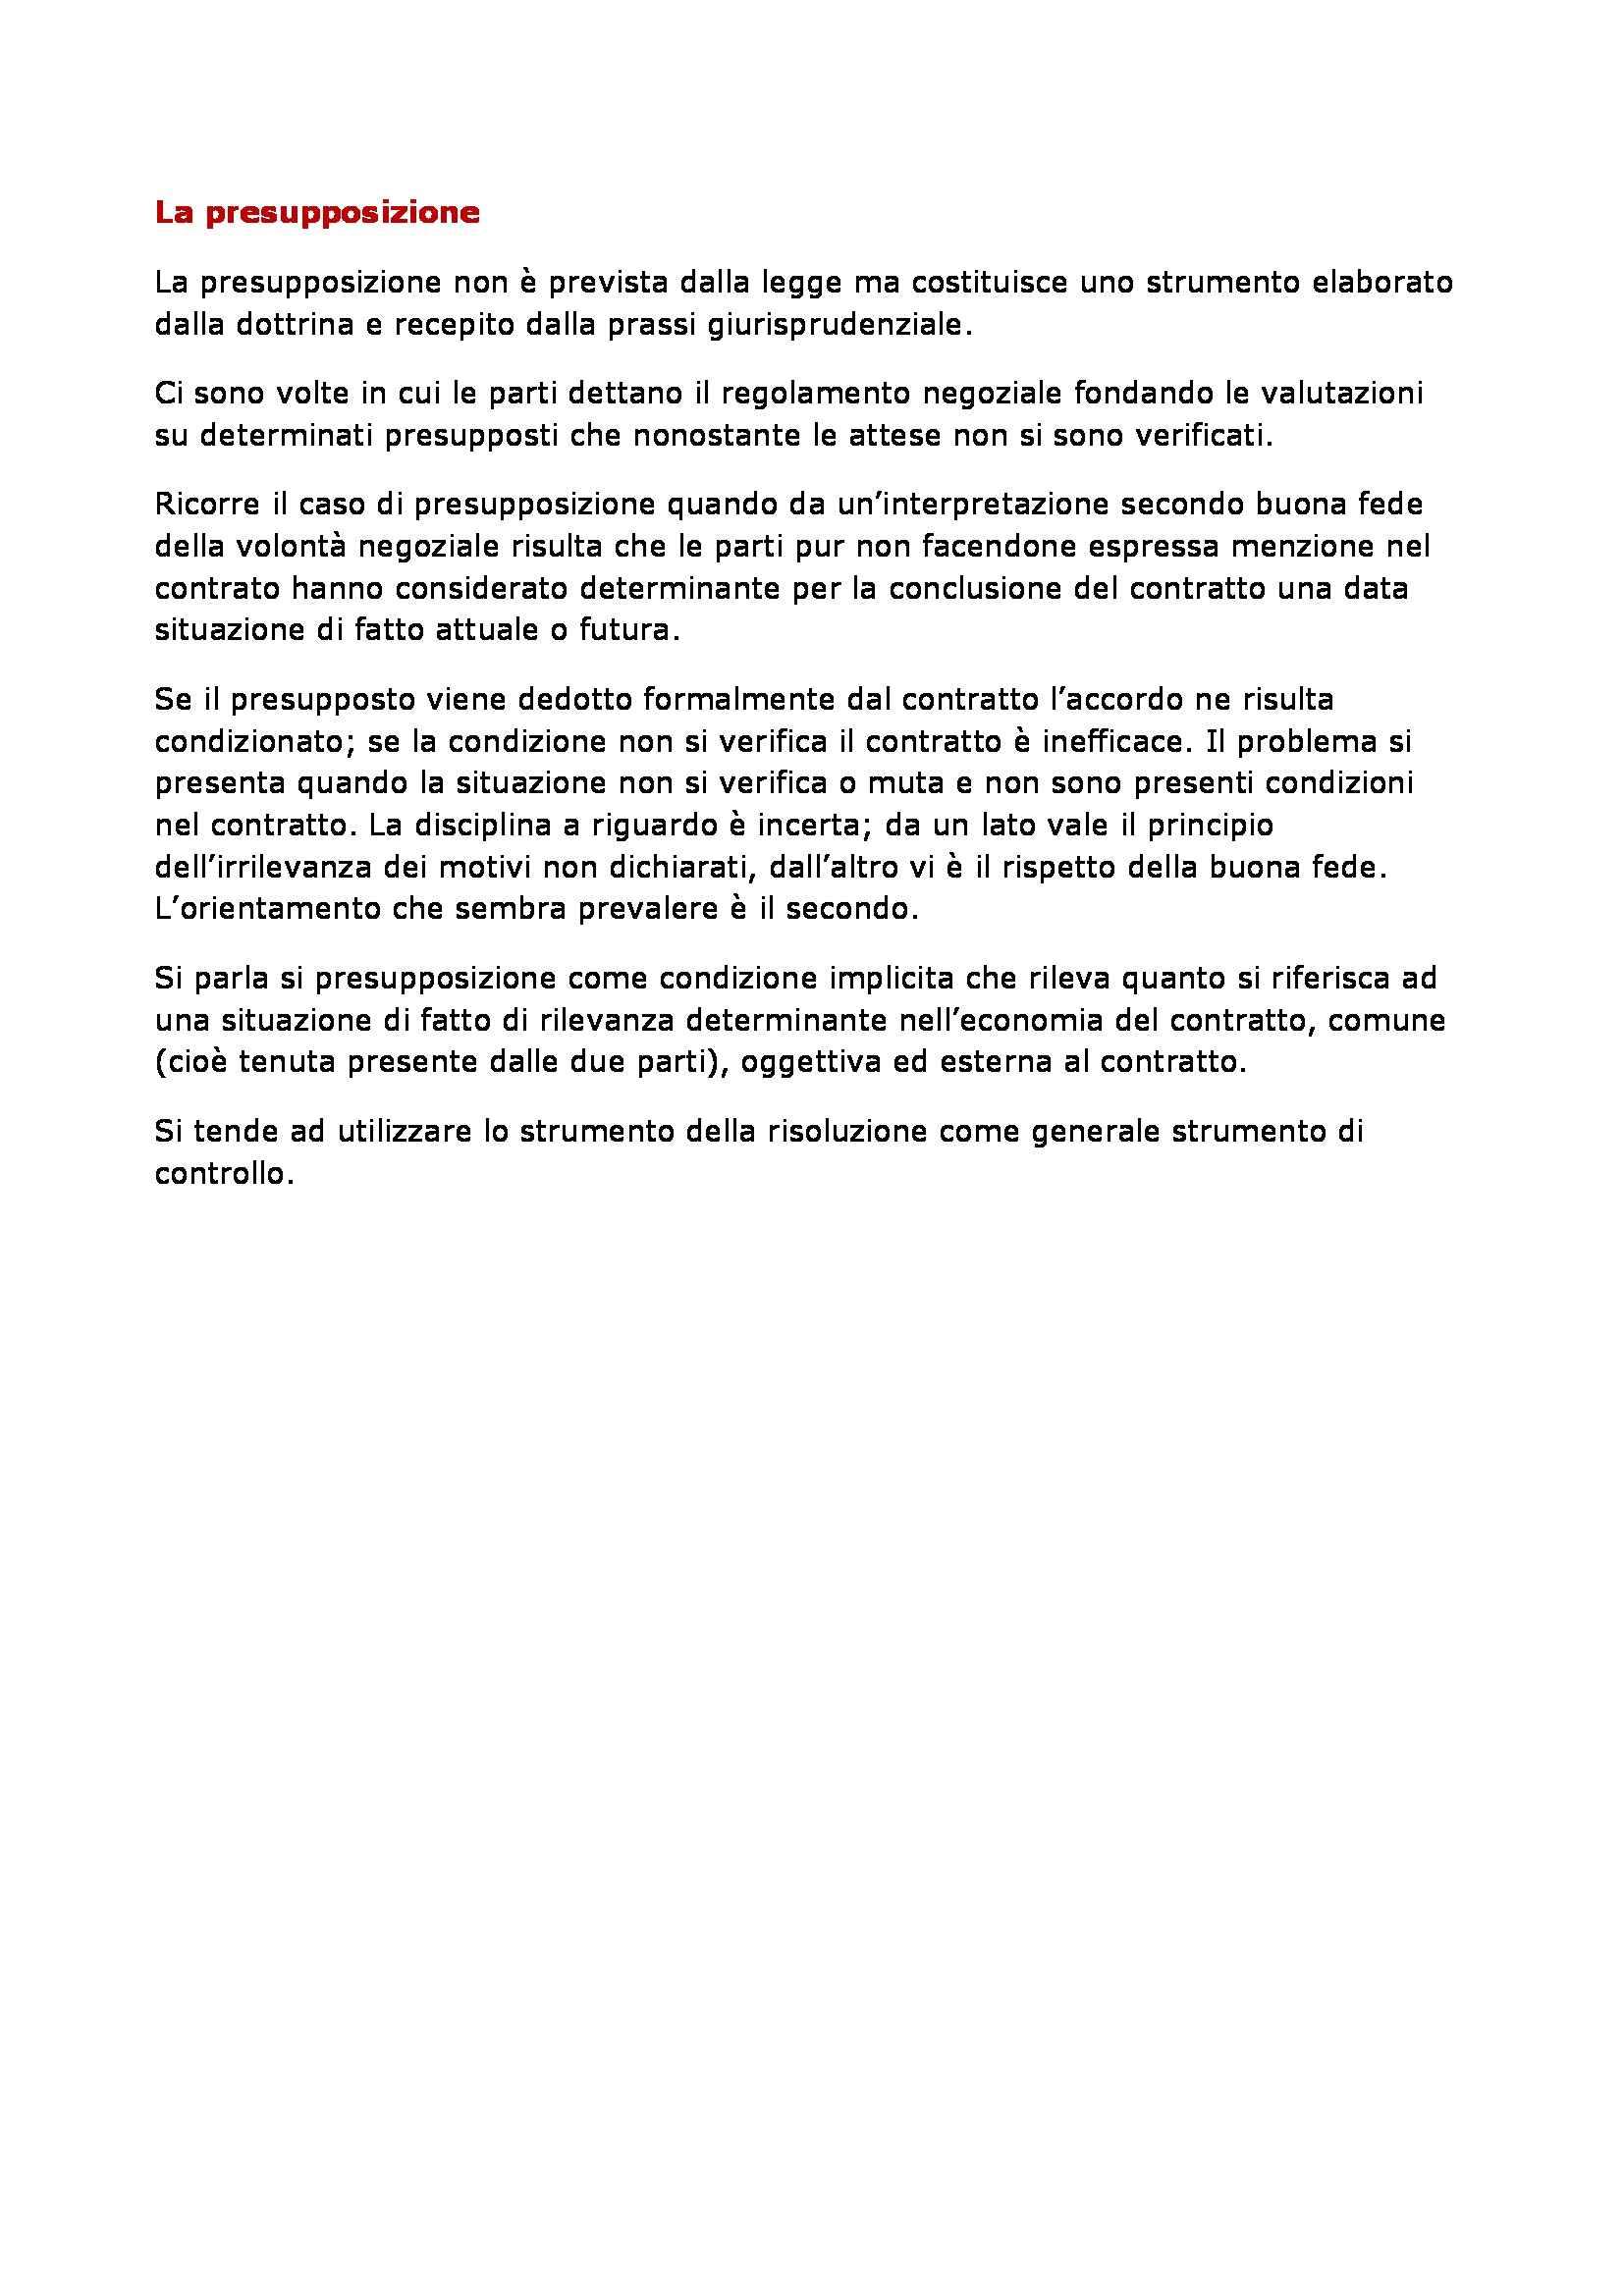 Diritto privato - contratti in generale Pag. 56